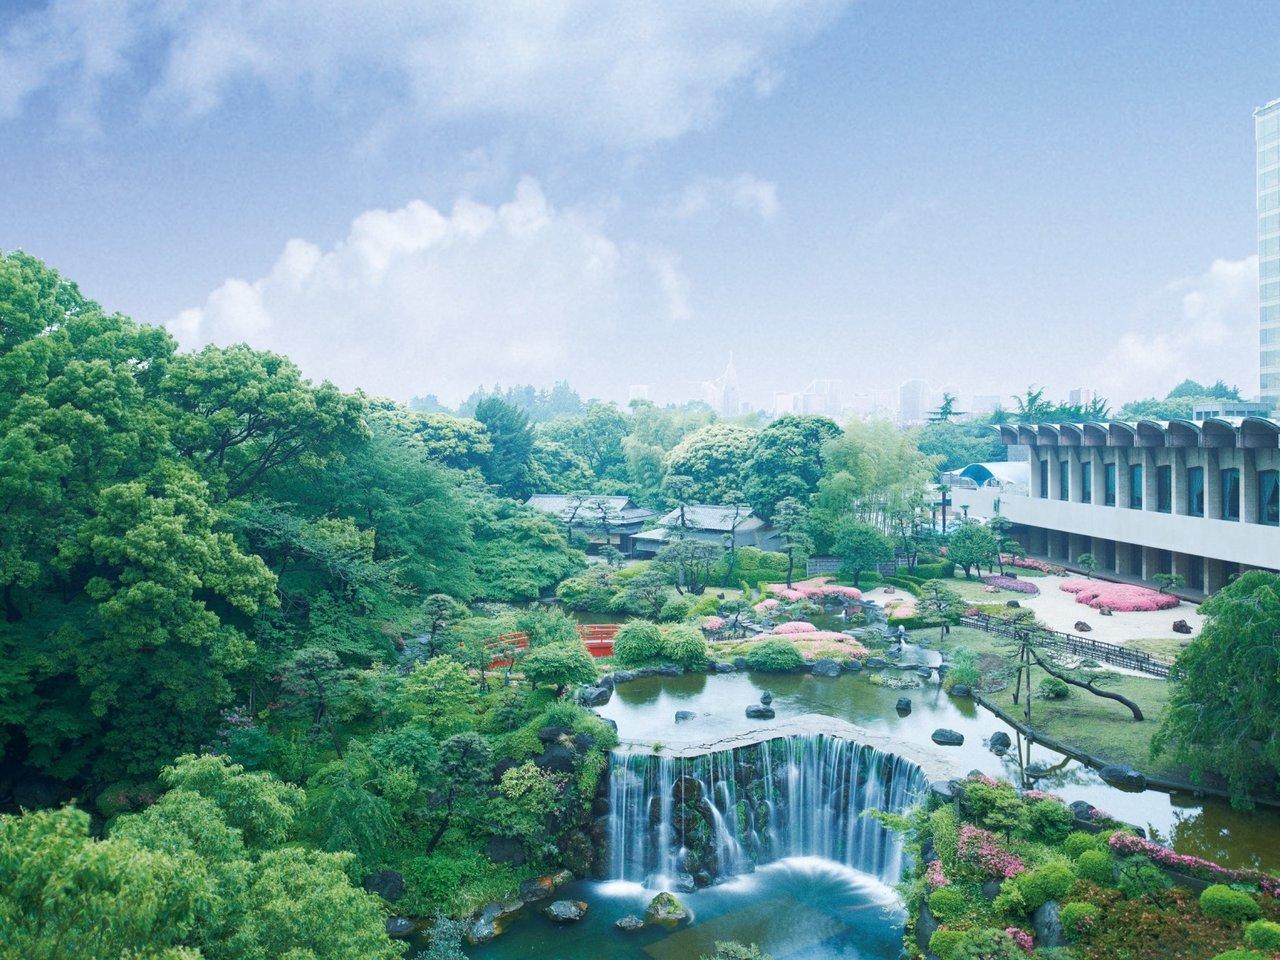 由緒ある広大な日本庭園でリフレッシュ、名門ホテルのおこもりワーケーション